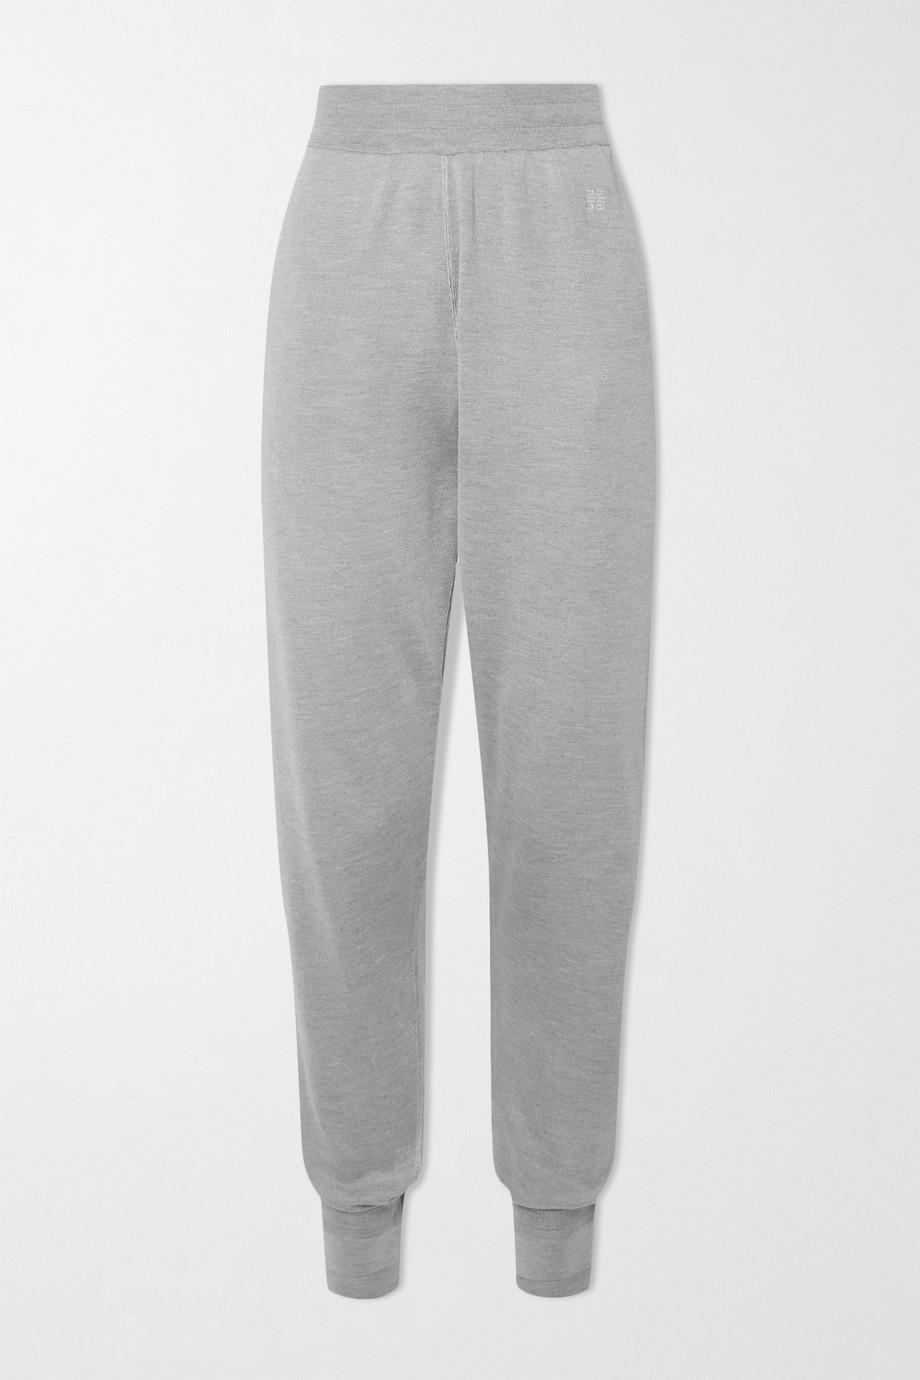 Givenchy Pantalon de survêtement en soie à broderies